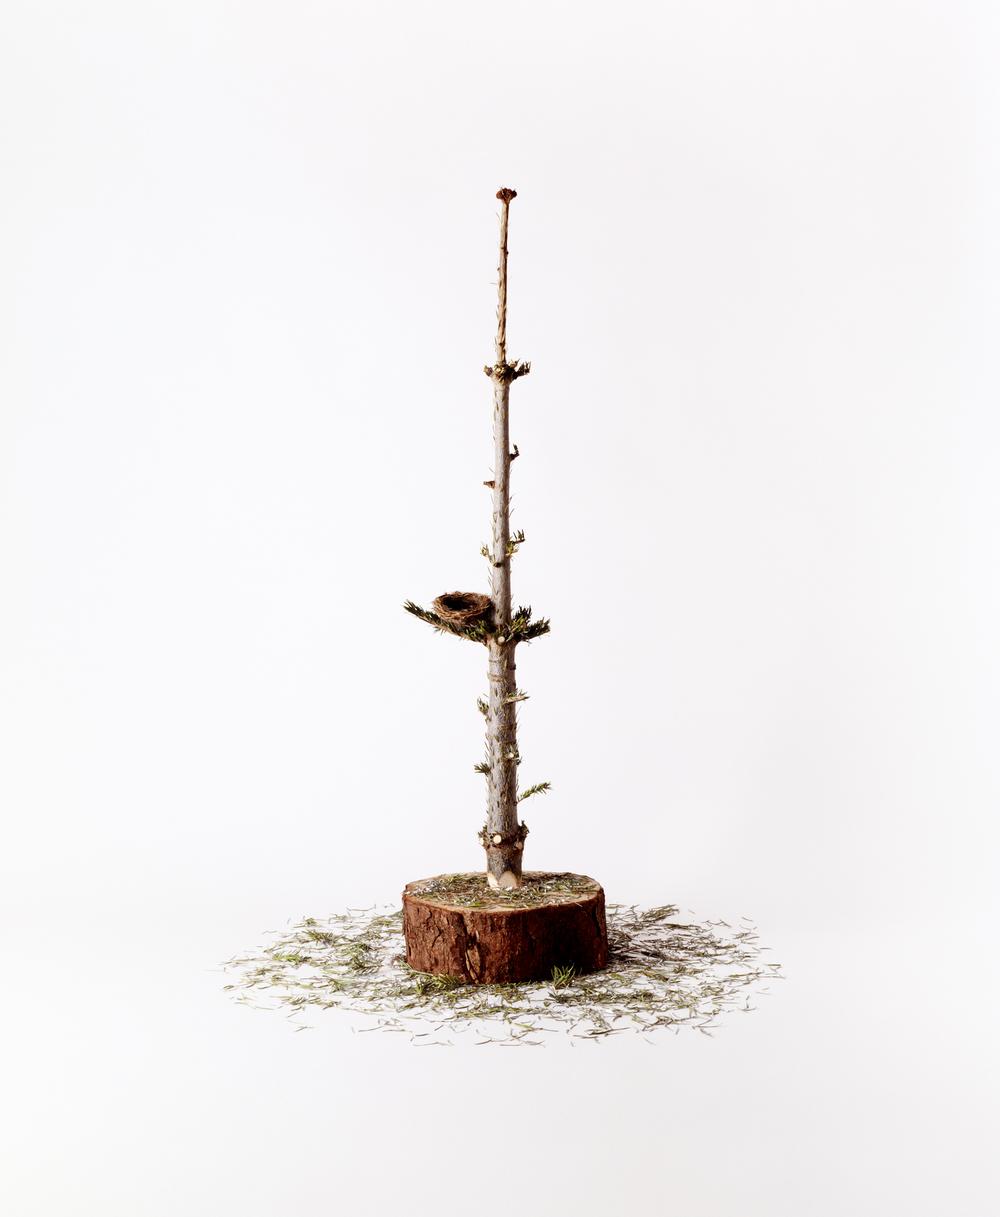 Tree nest